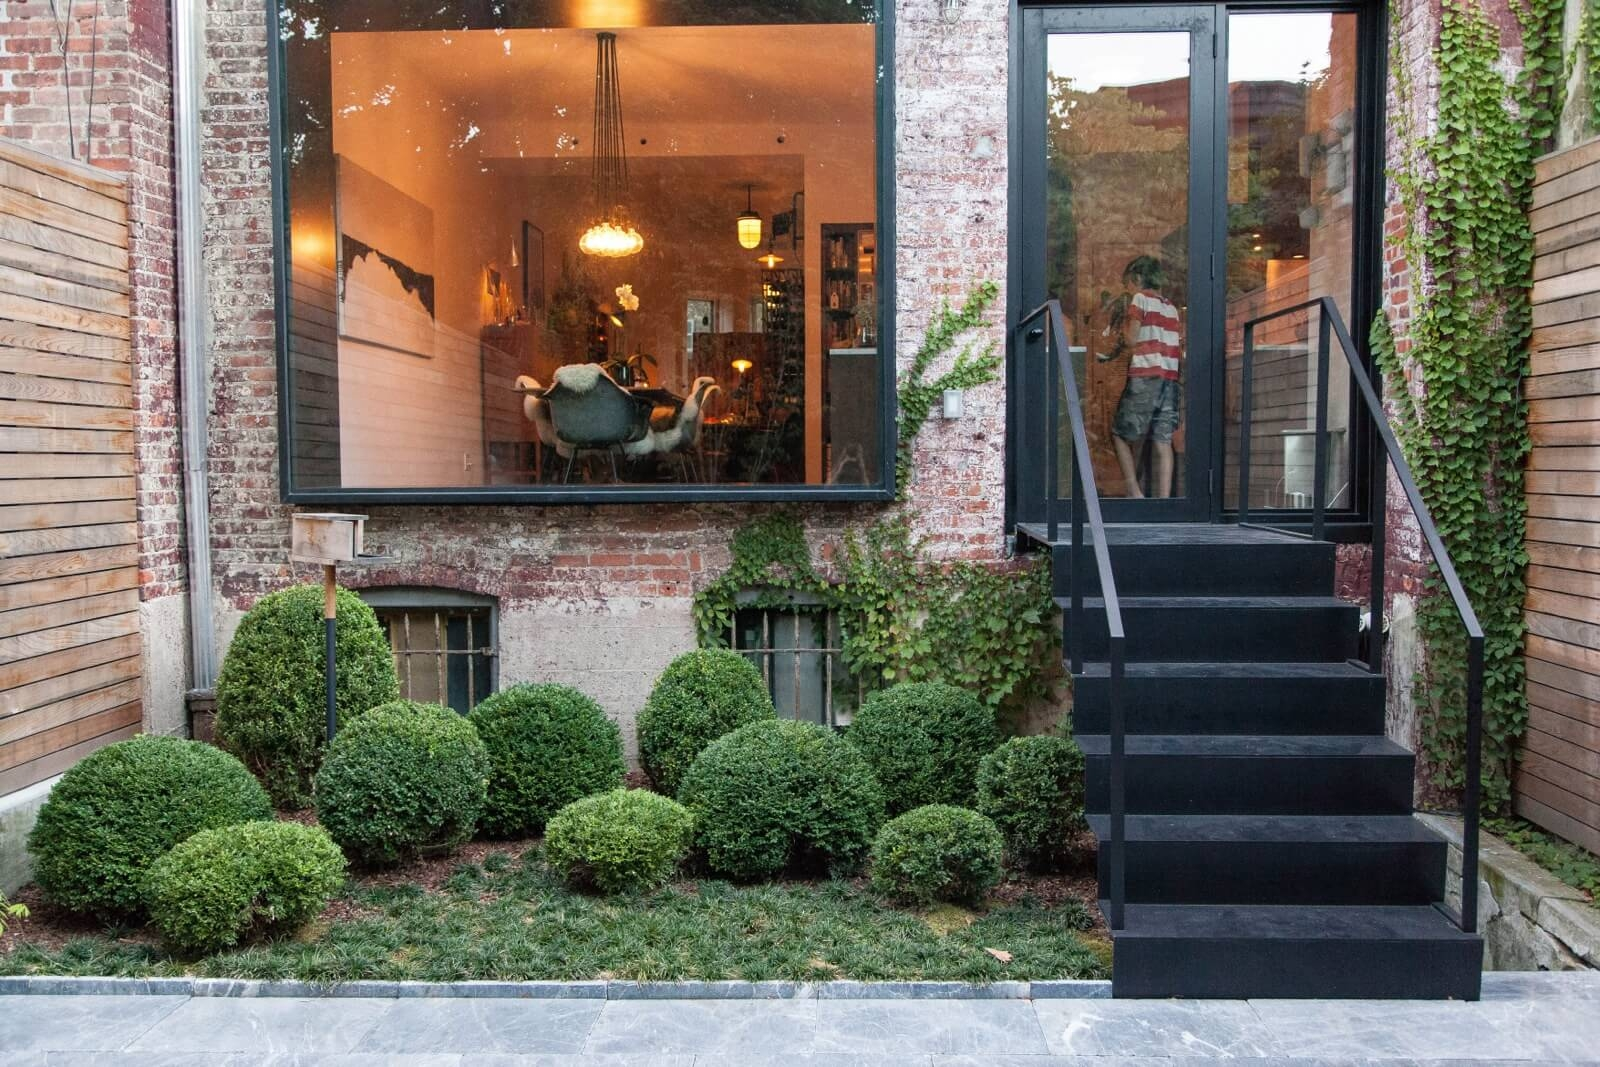 Garden Design Ideas A Stylish Low Maintenance Brooklyn Garden | Under Stair Garden Design | Plant | Ideas | House | Stair Case | Pebble Garden